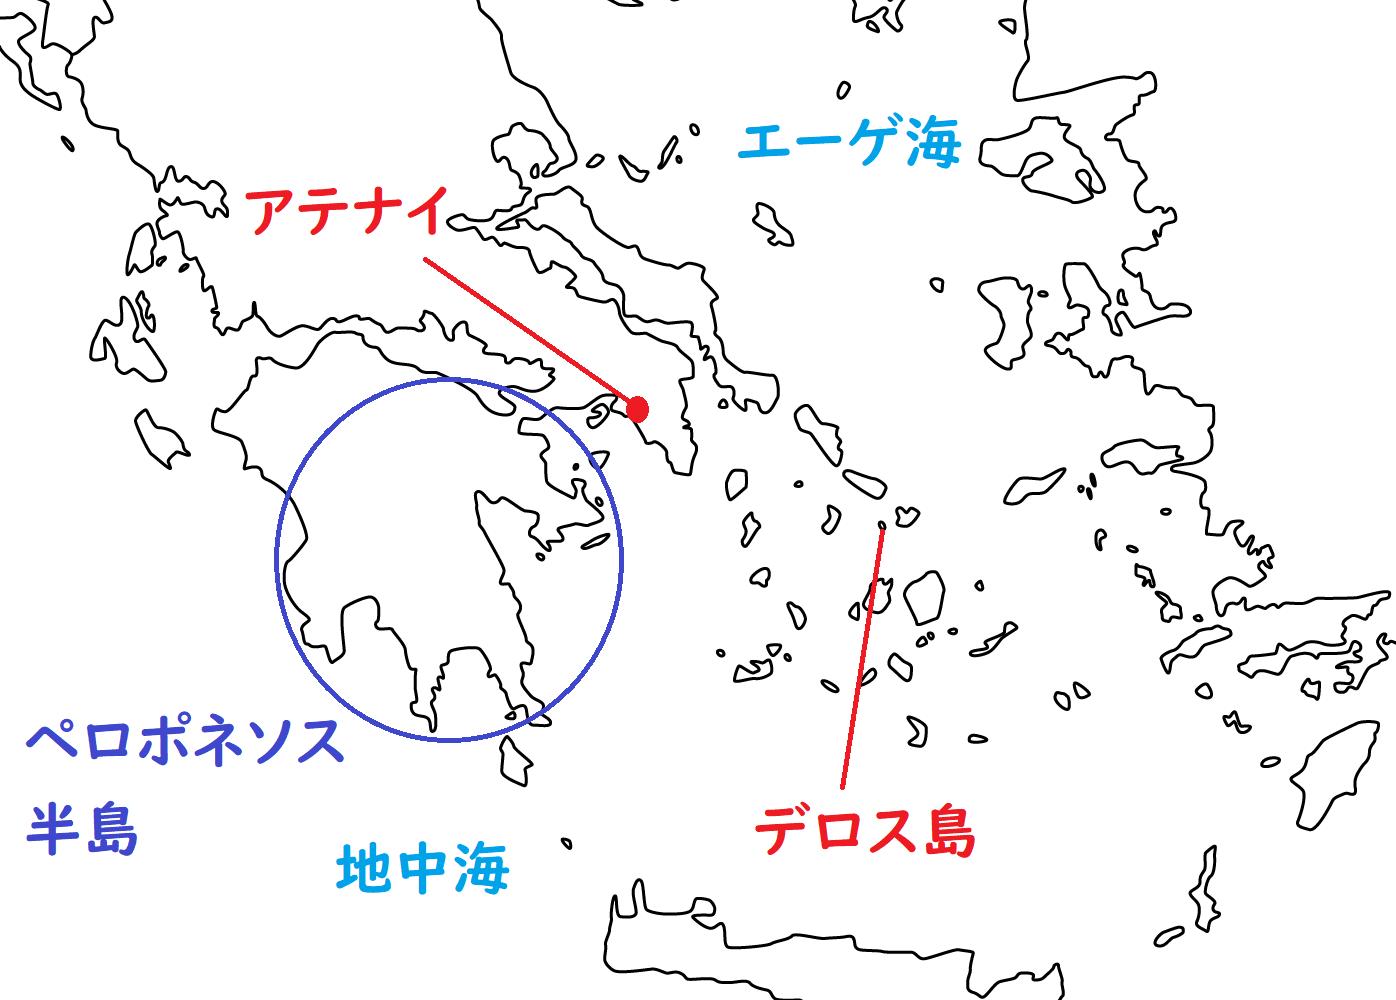 アテナイとデロス島